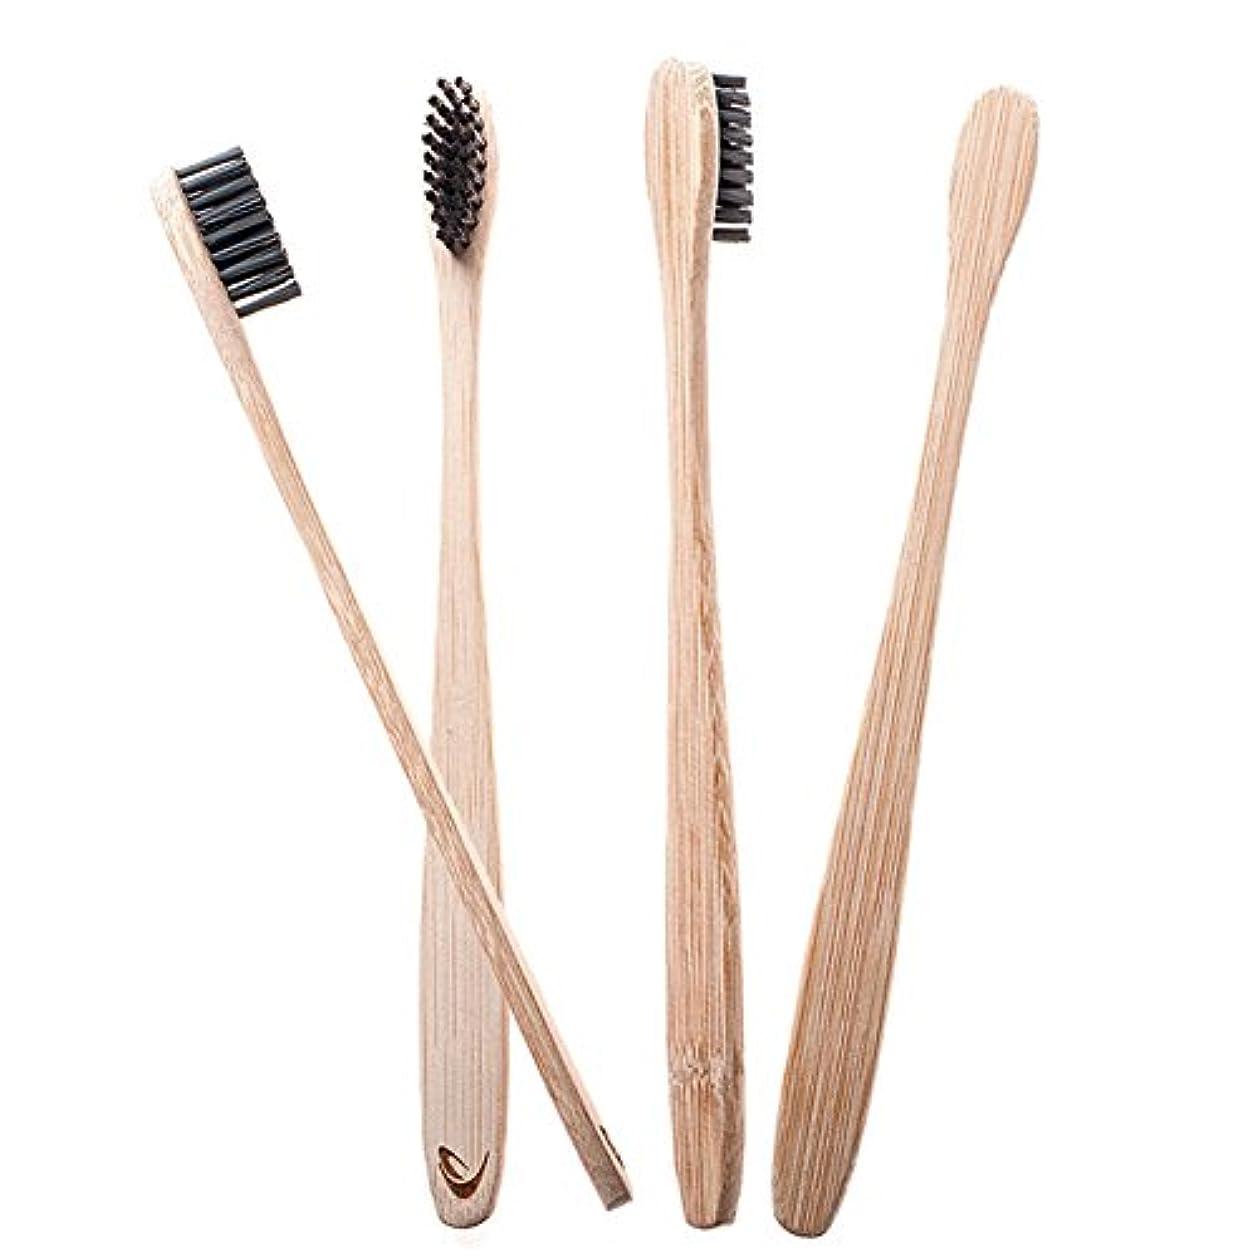 暴動可愛いかるMAYouth ホーム家族旅行のための木炭剛毛の自然な歯科医療が付いている4本/セットの竹の歯ブラシ